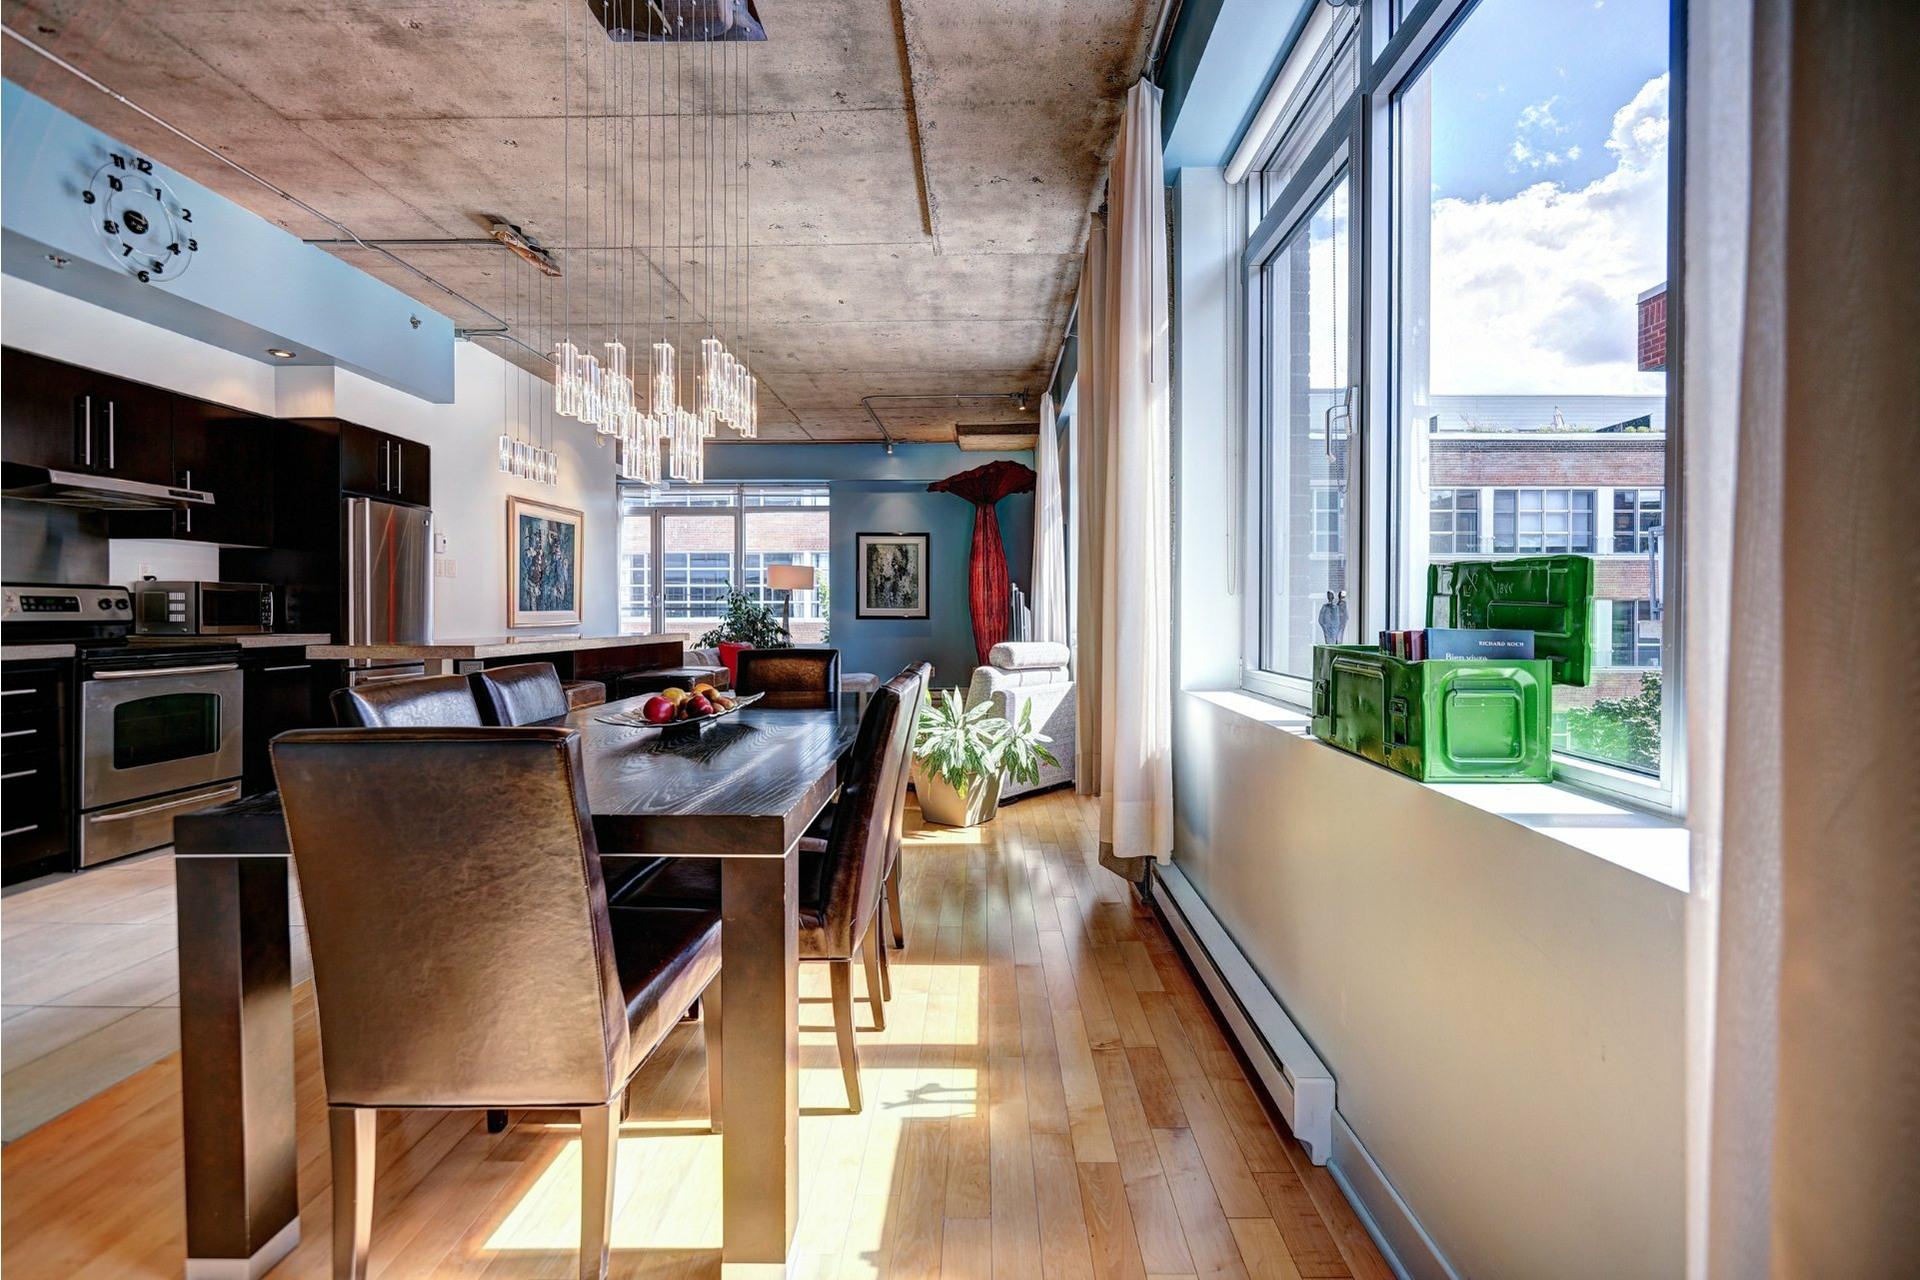 image 13 - Appartement À louer Villeray/Saint-Michel/Parc-Extension Montréal  - 8 pièces